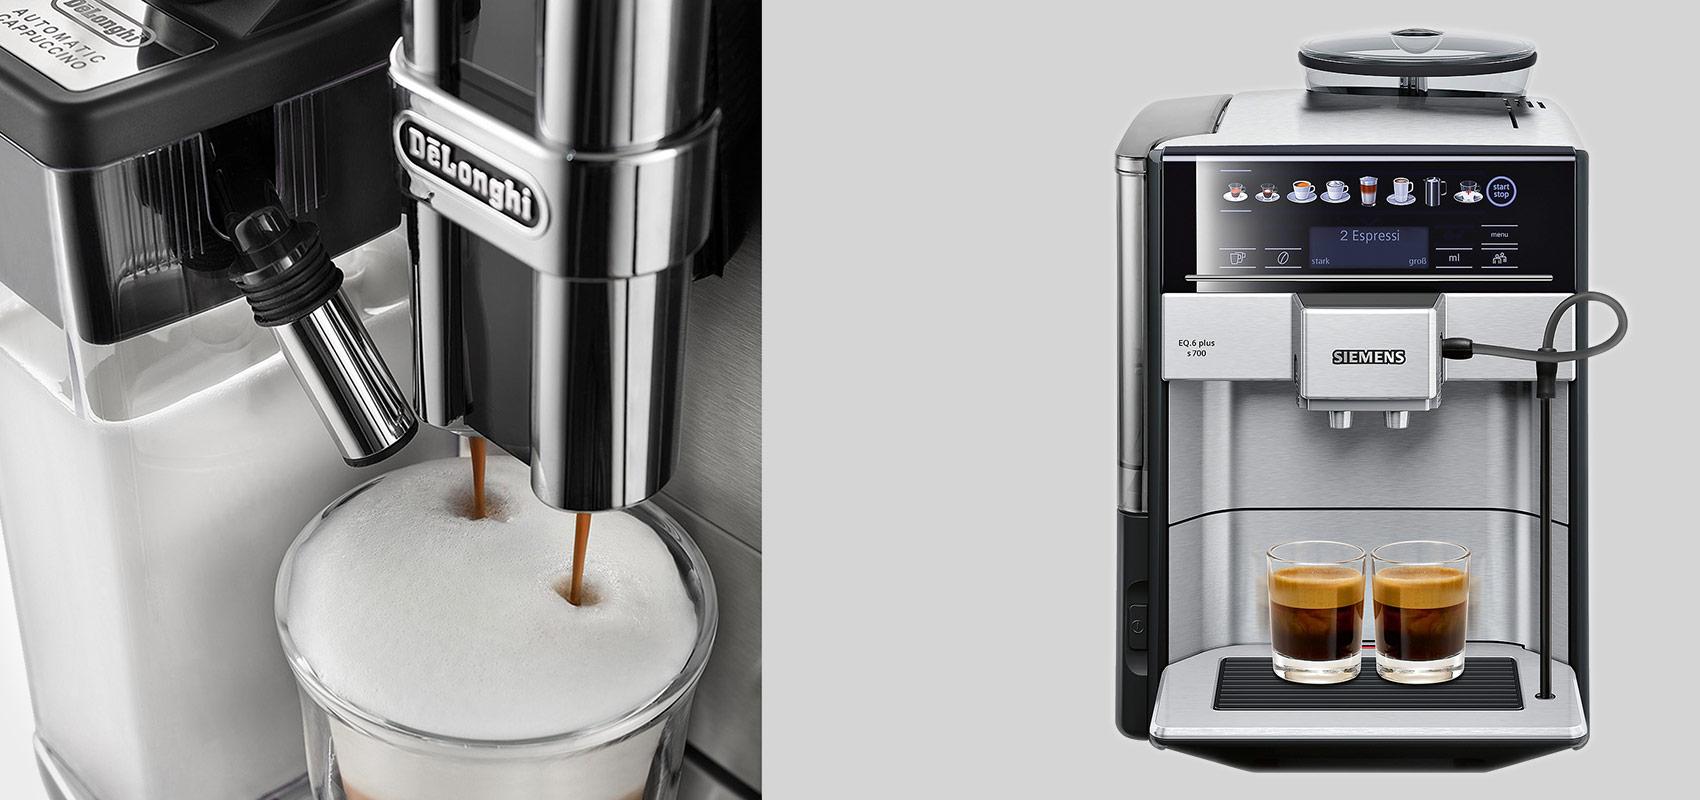 Brands4Friends : Kaffeevollautomaten Angebot - DeLonghi